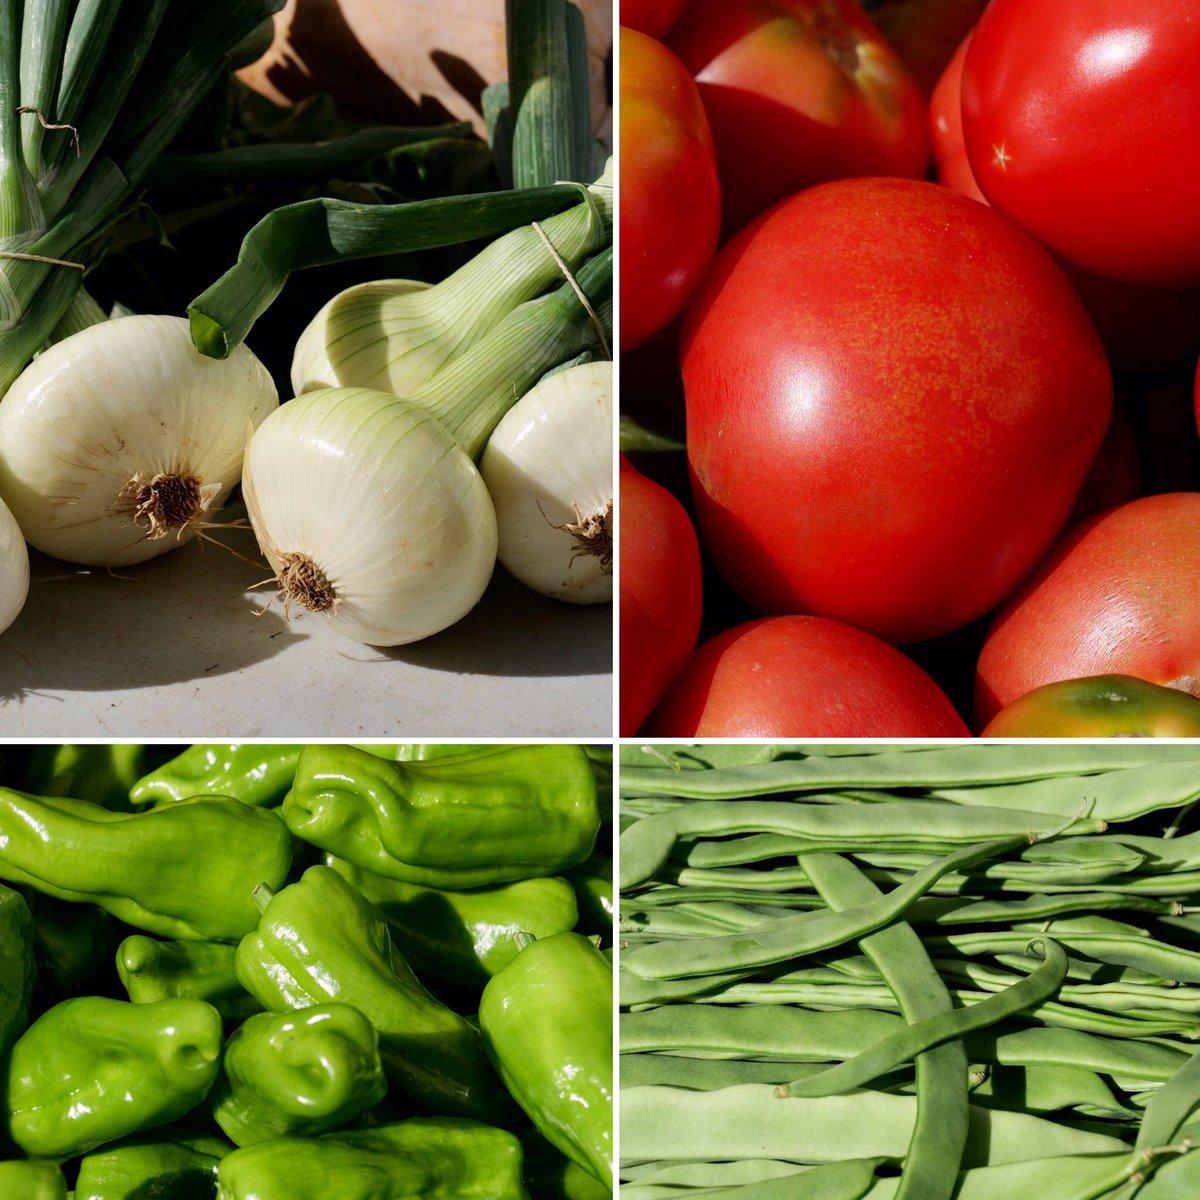 Hoxe no mercado de froitas, verduras e hortalizas de #Melide podes atopar produtos de temporada como tomates, xudías, pementos de Padrón, pementos verdes e vermellos, pataca nova, cebollas, cabacíns  e moito máis O sabor de sempre da horta á túa casa#TesDeTodo #Sentidiñopic.twitter.com/v7IZxXPrck